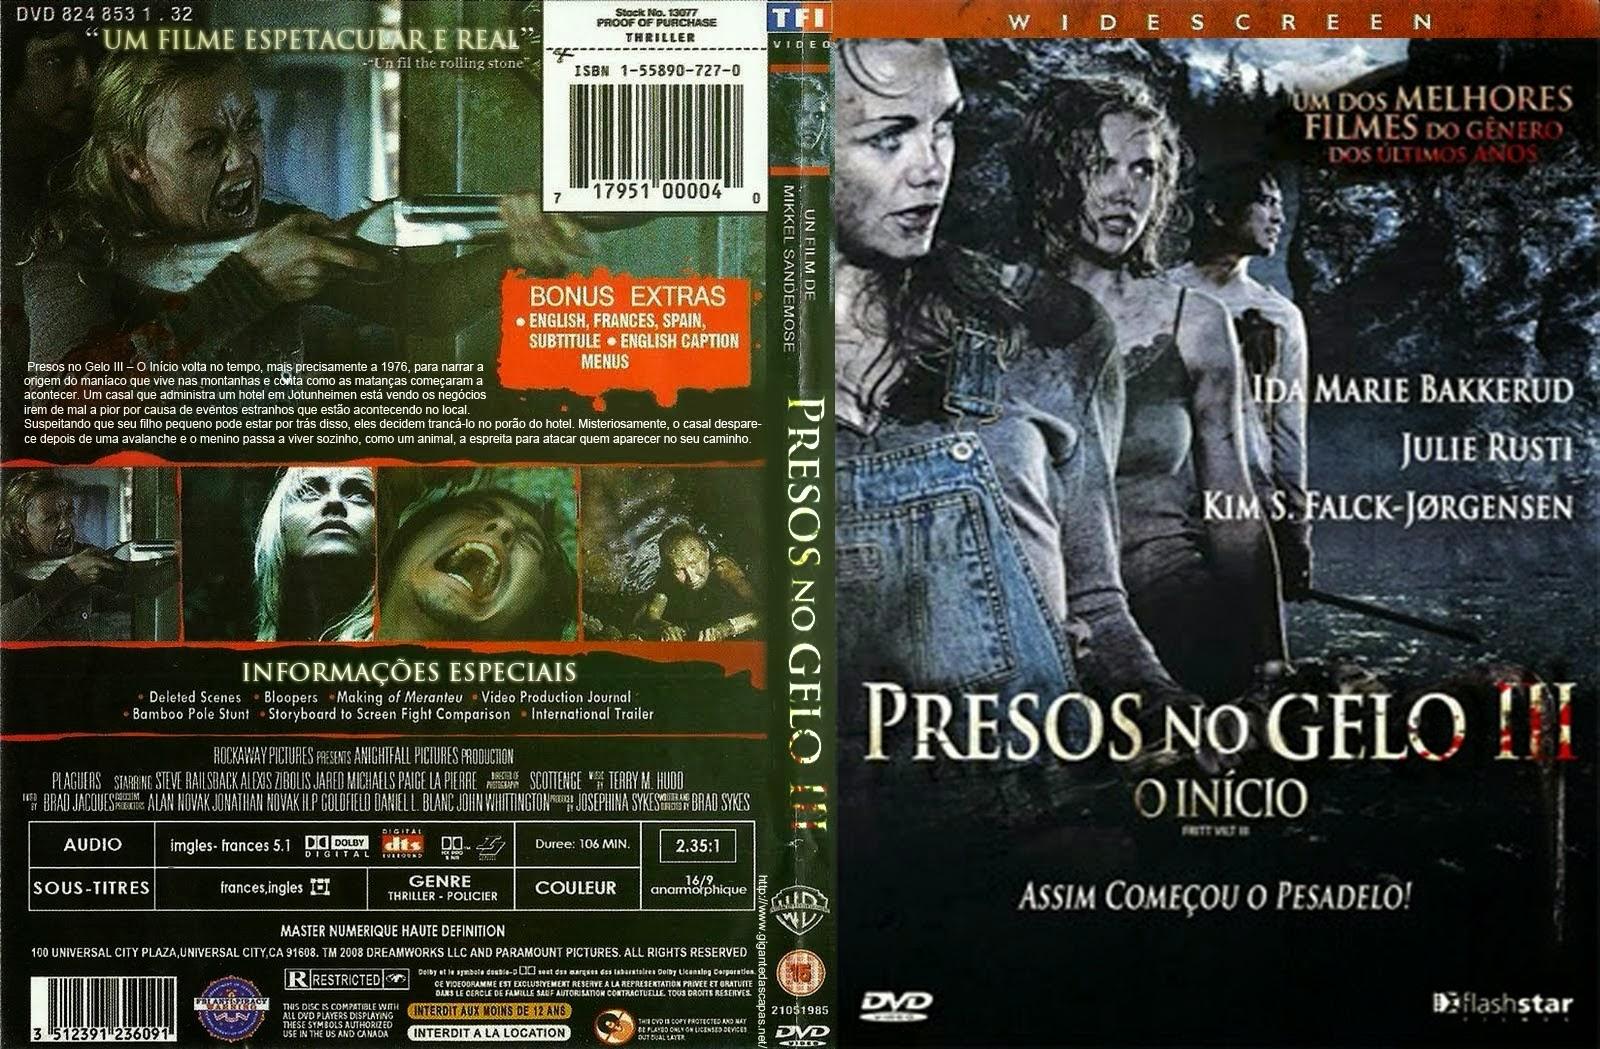 Filme Presos no Gelo 3 O Início DVD Capa